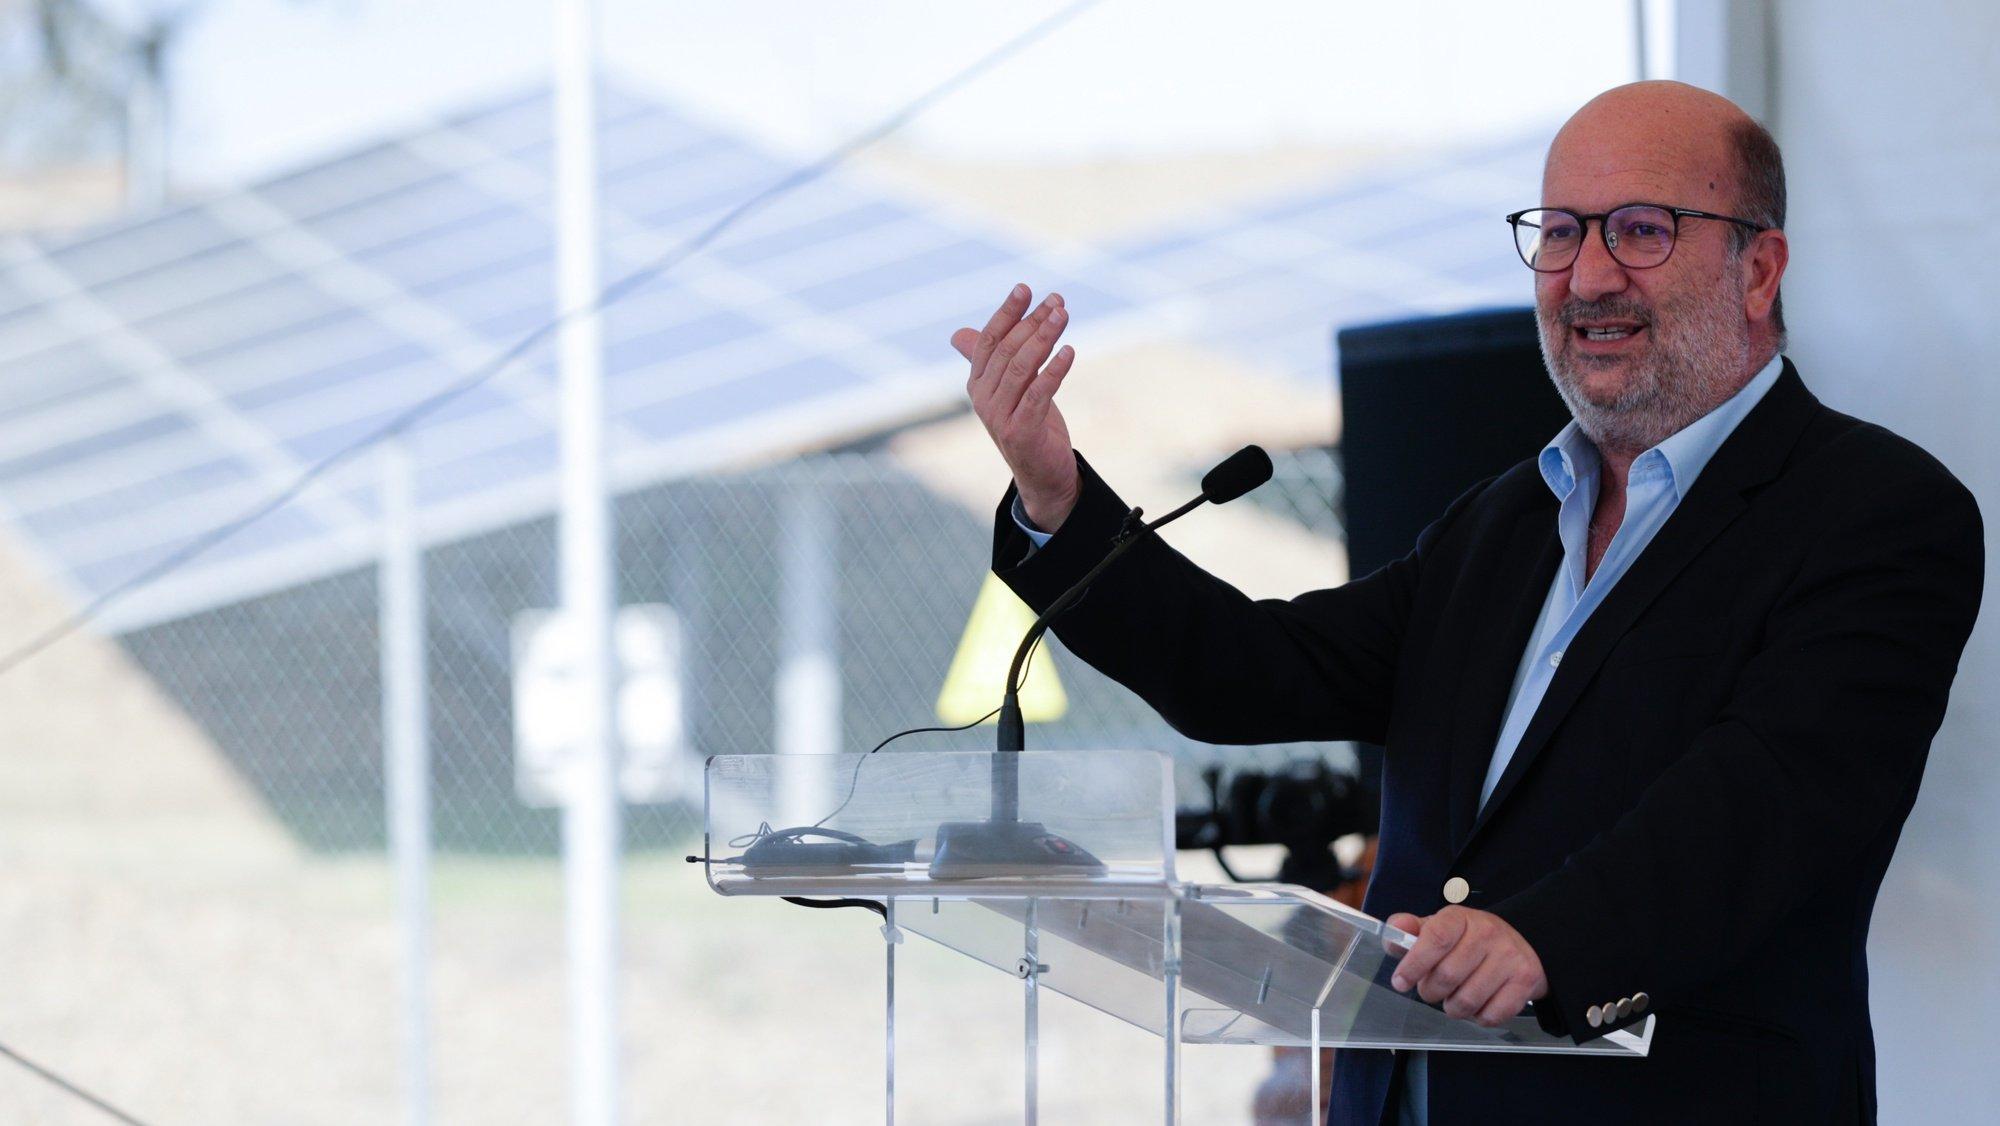 O ministro do Ambiente e da Ação  Climática, João Pedro Matos Fernandes, durante a inauguração da Central Fotovoltaica Riccardo Totta em Alcoutim, a maior central  fotovoltaica a operar em Portugal, Alcoutim, 09 de outubro de 2021. LUÍS FORRA/LUSA